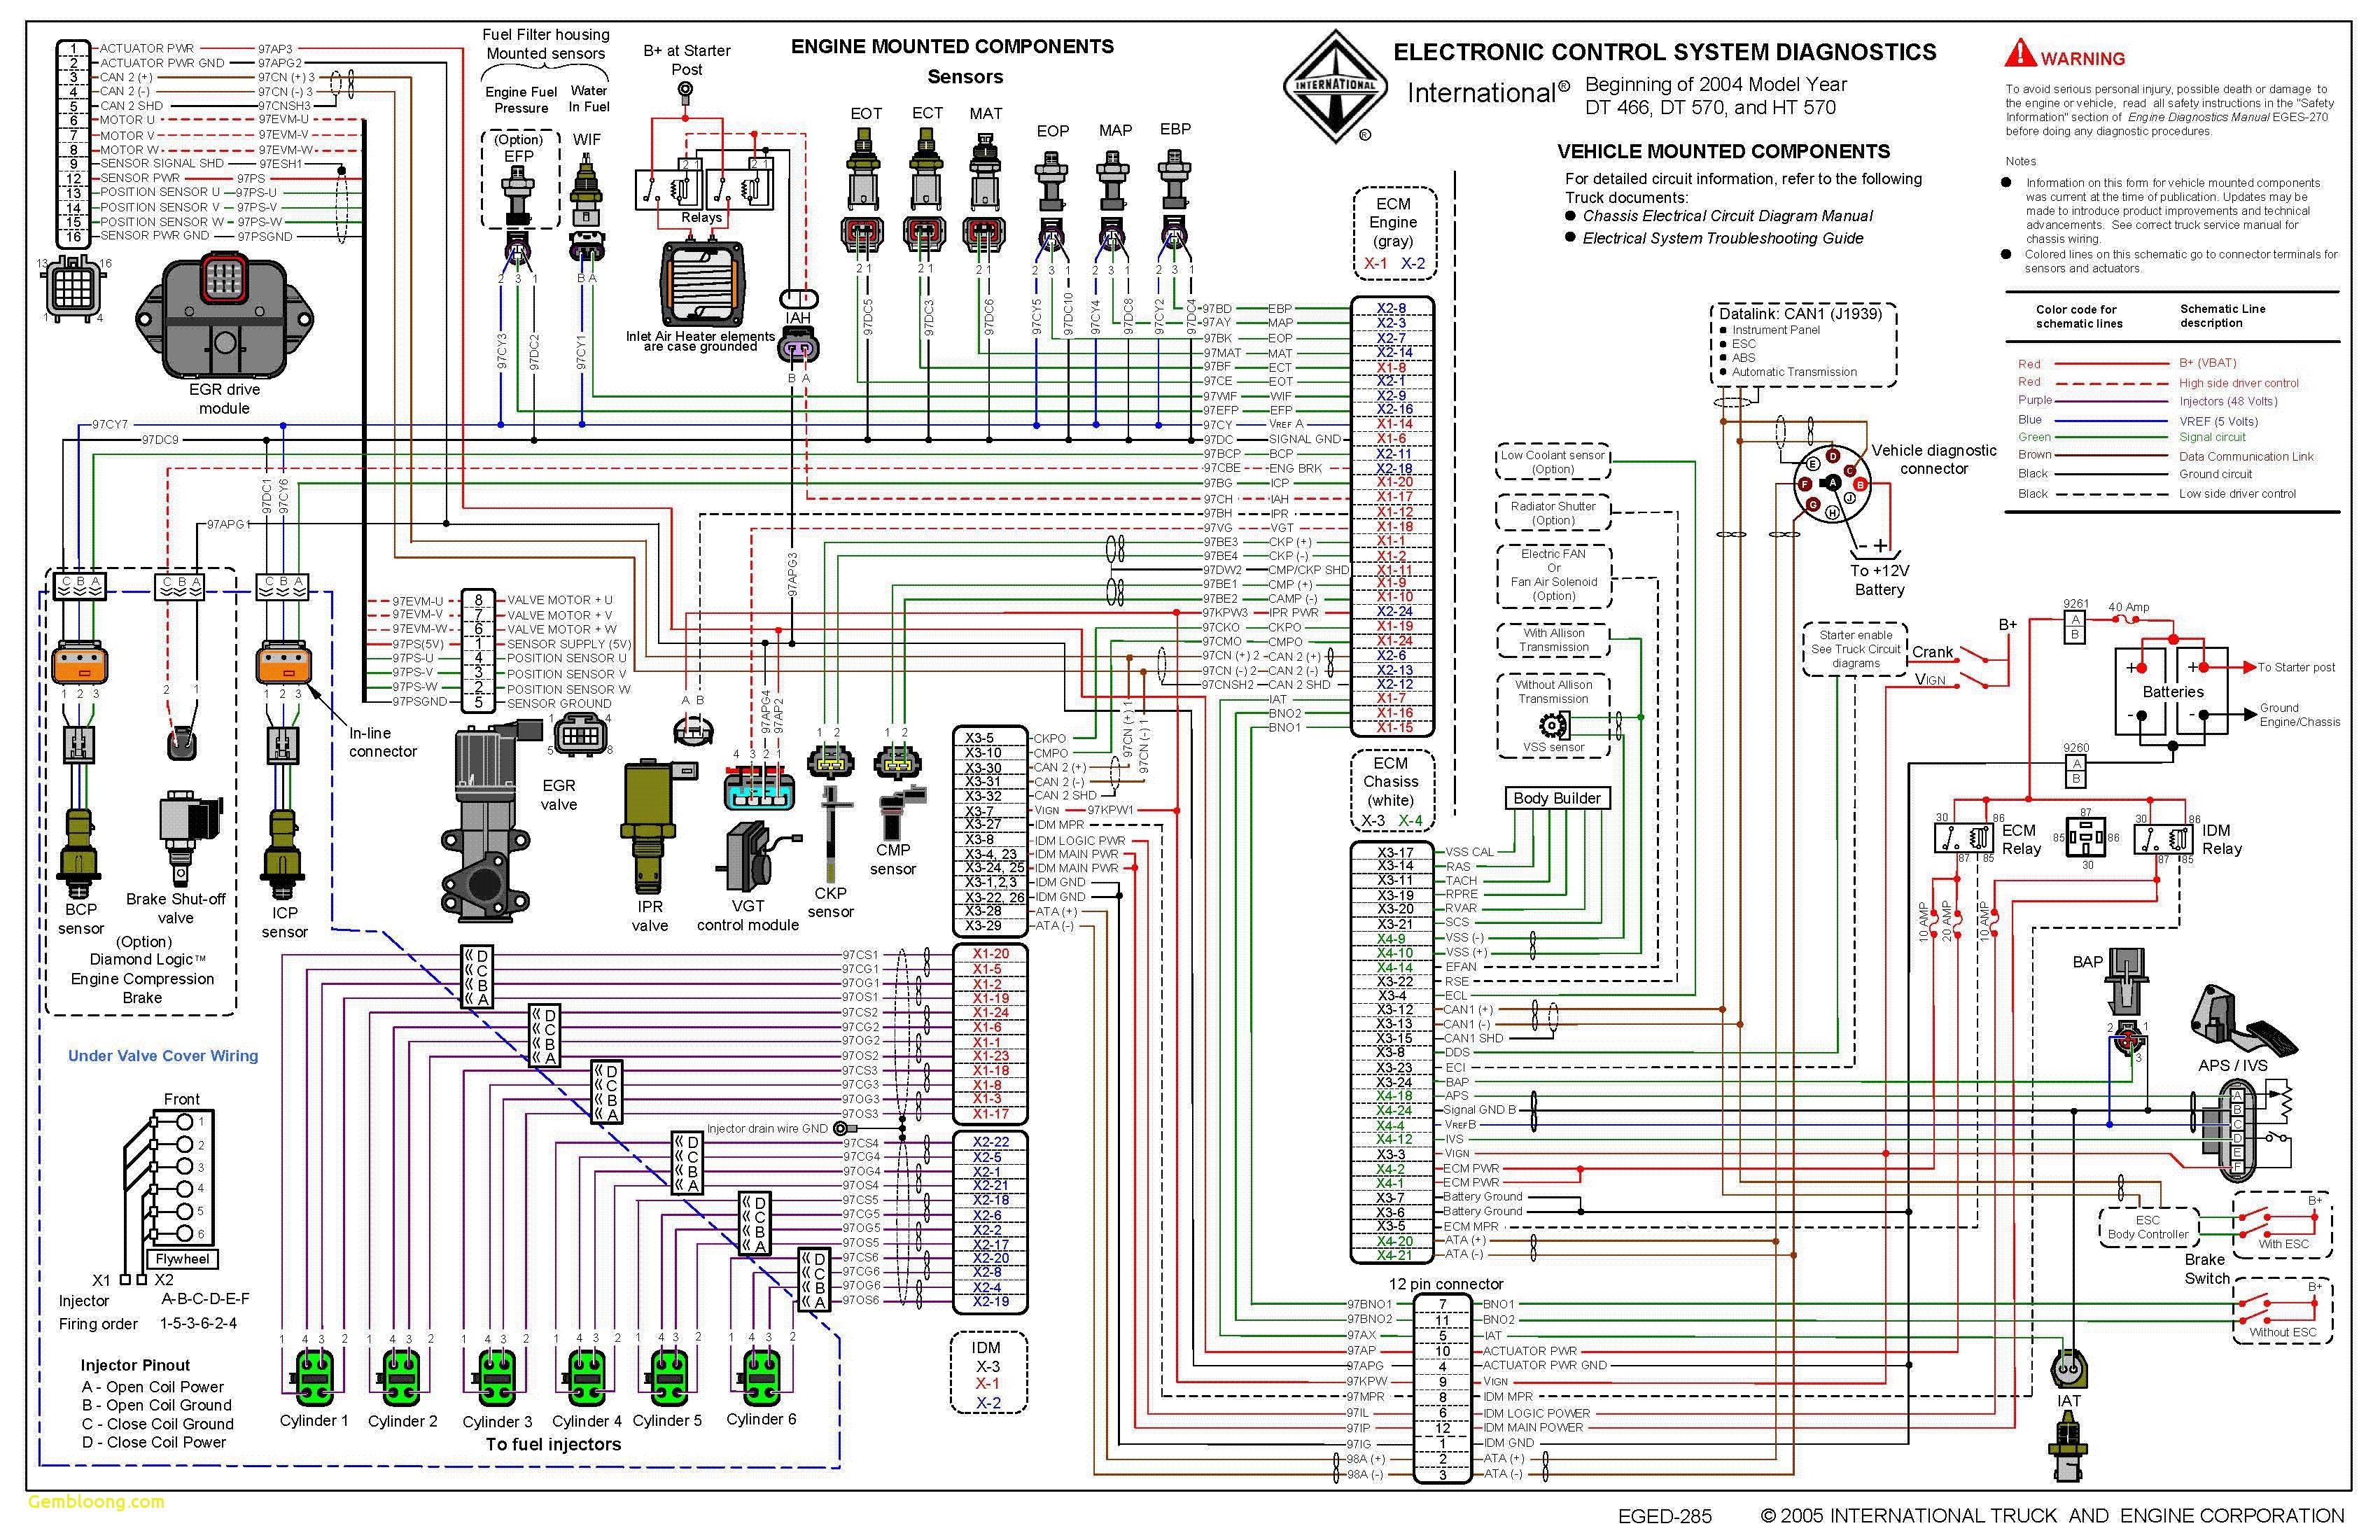 Fresh 1997 7.3 Glow Plug Relay Wiring Diagram - Edmyedguide24 - 7.3 Glow Plug Relay Wiring Diagram